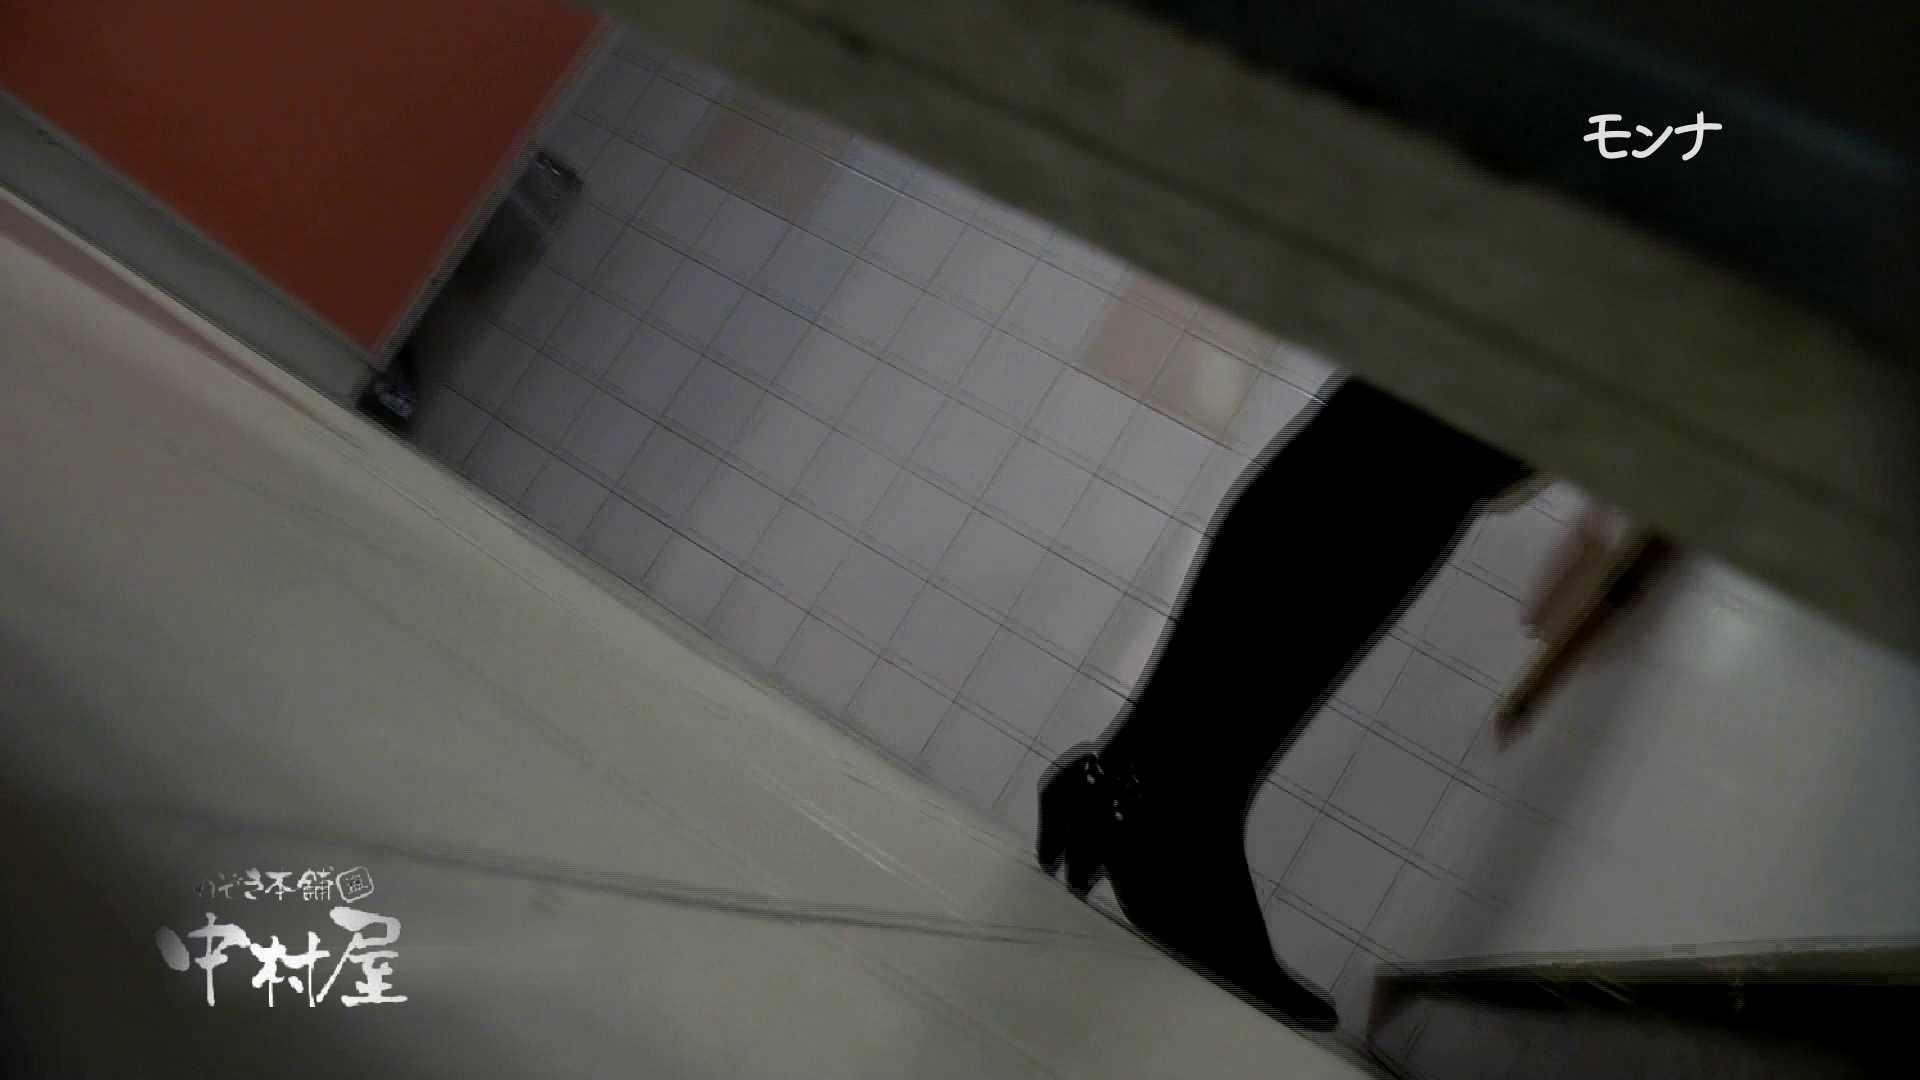 【美しい日本の未来】新学期!!下半身中心に攻めてます美女可愛い女子悪戯盗satuトイレ後編 トイレ流出  82連発 16